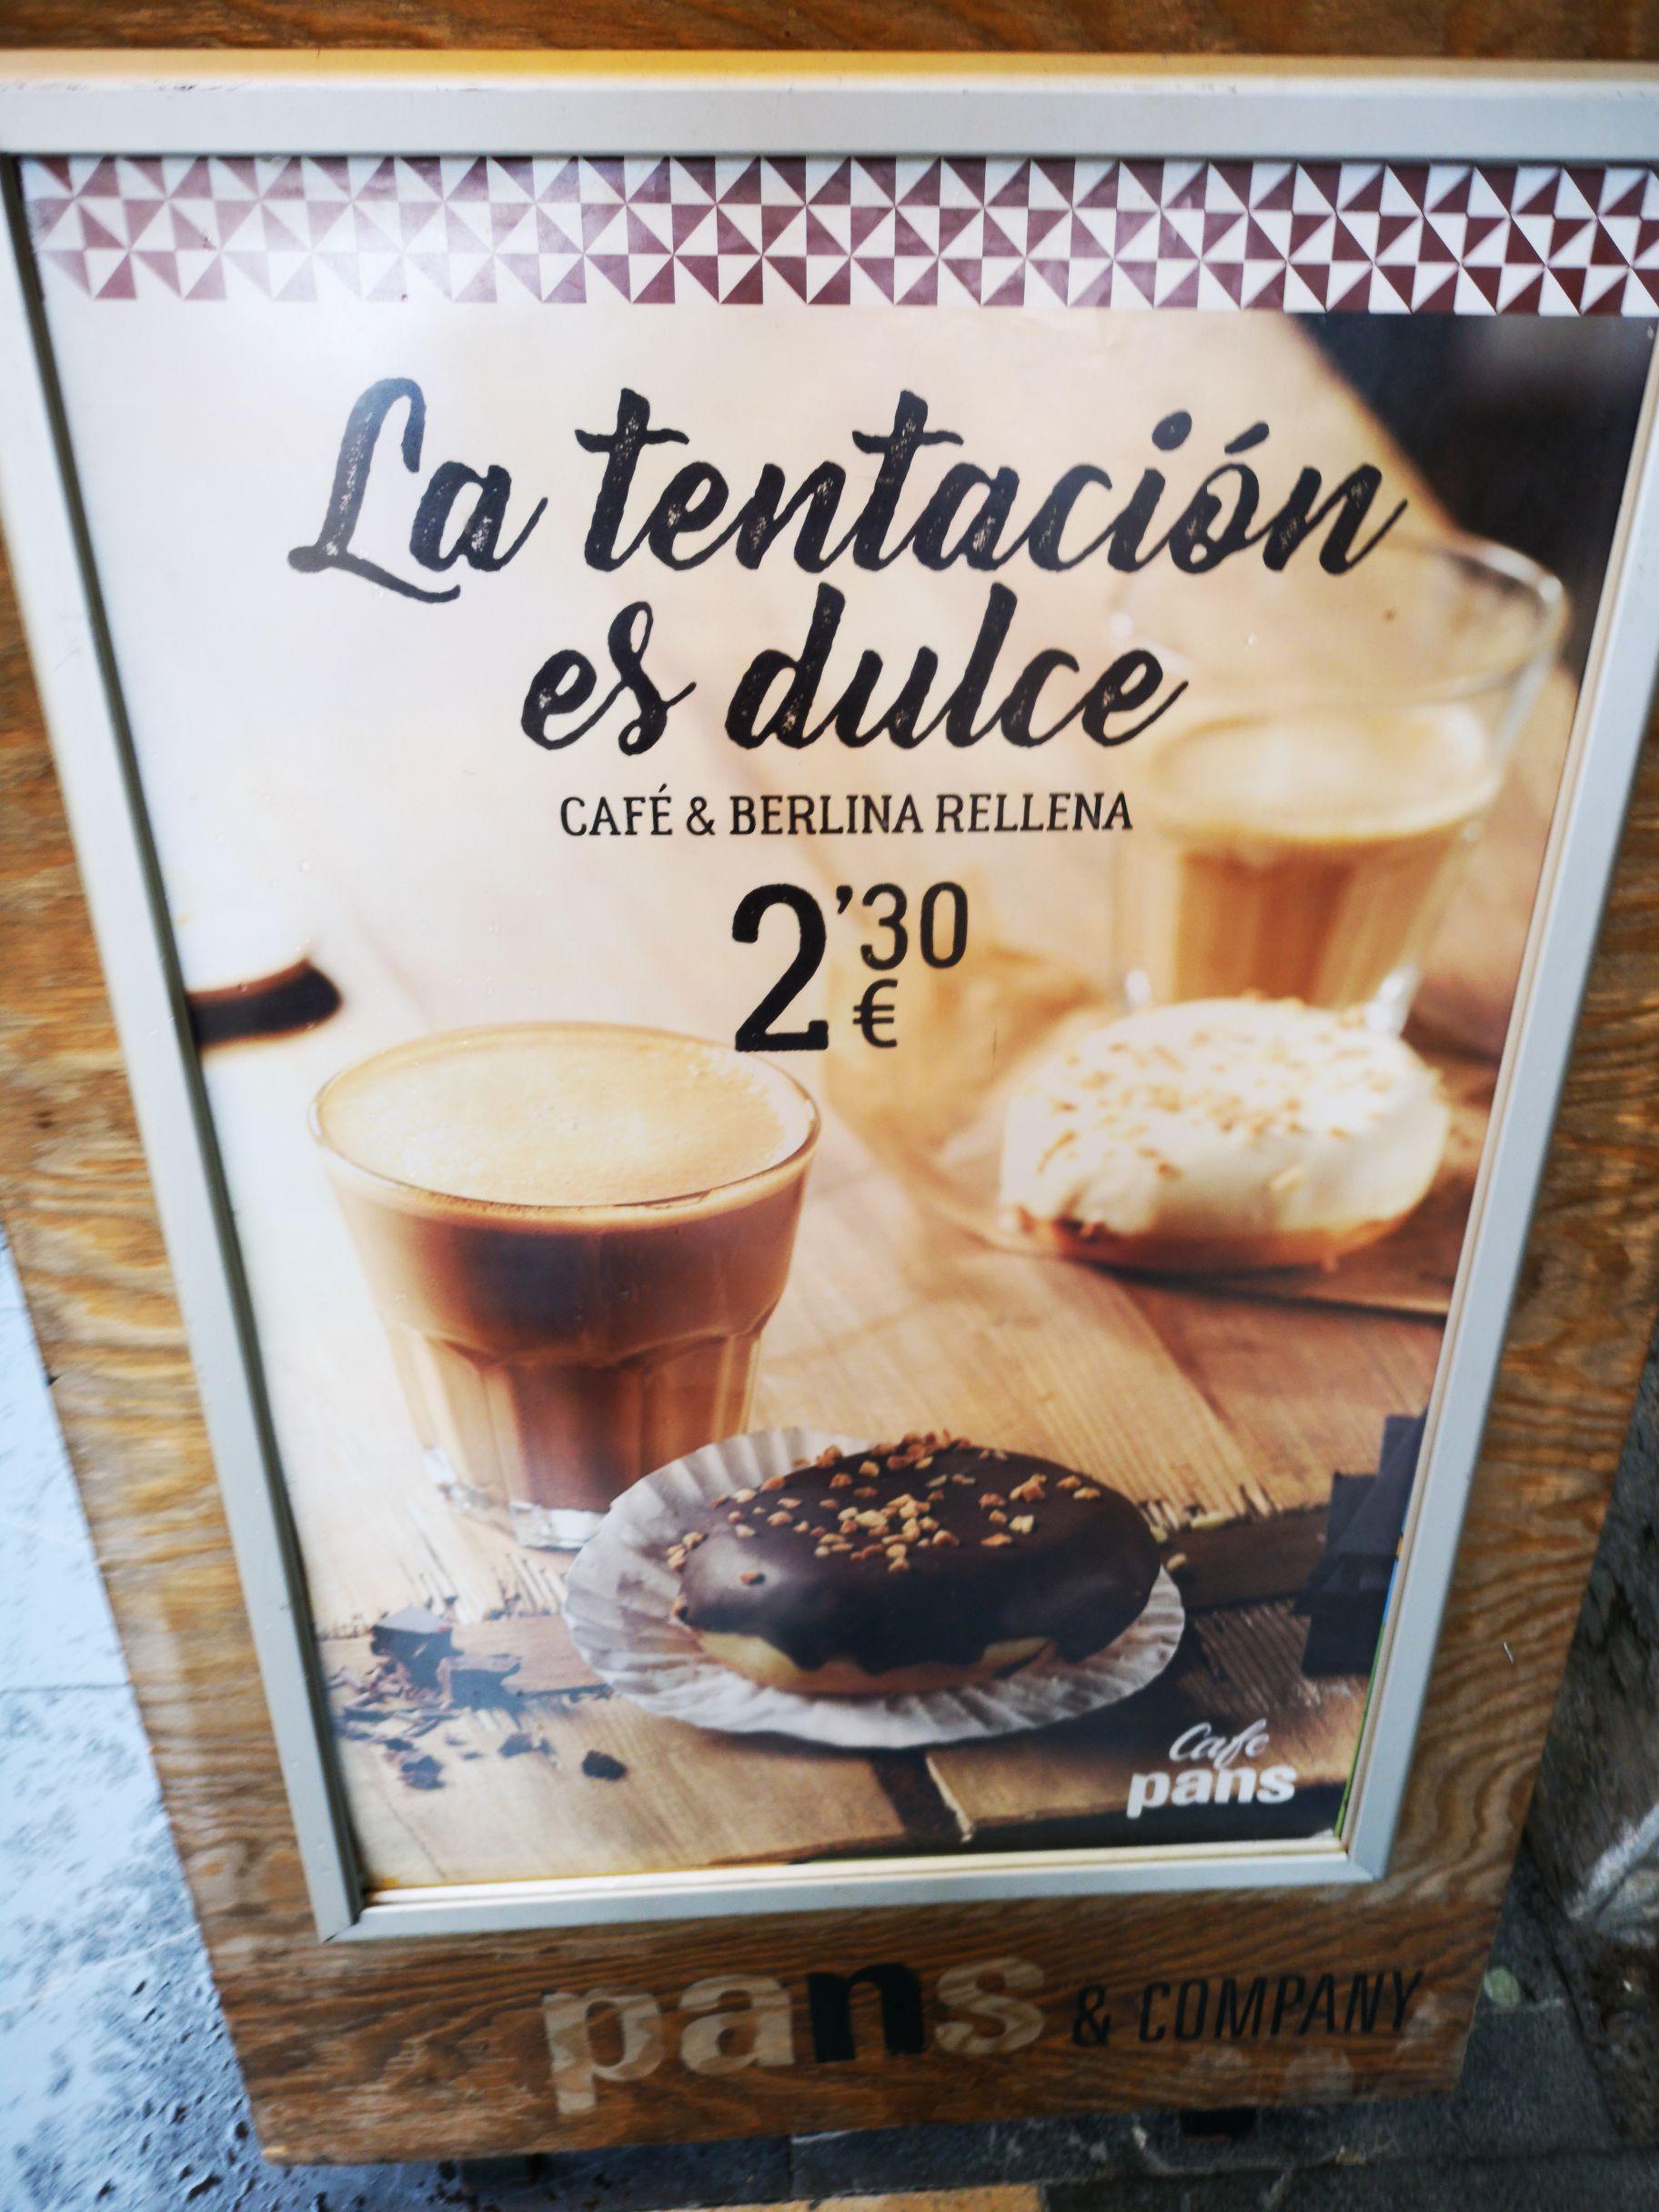 Nuevo Desayuno Pans & Company. Café  + Berlina Rellena